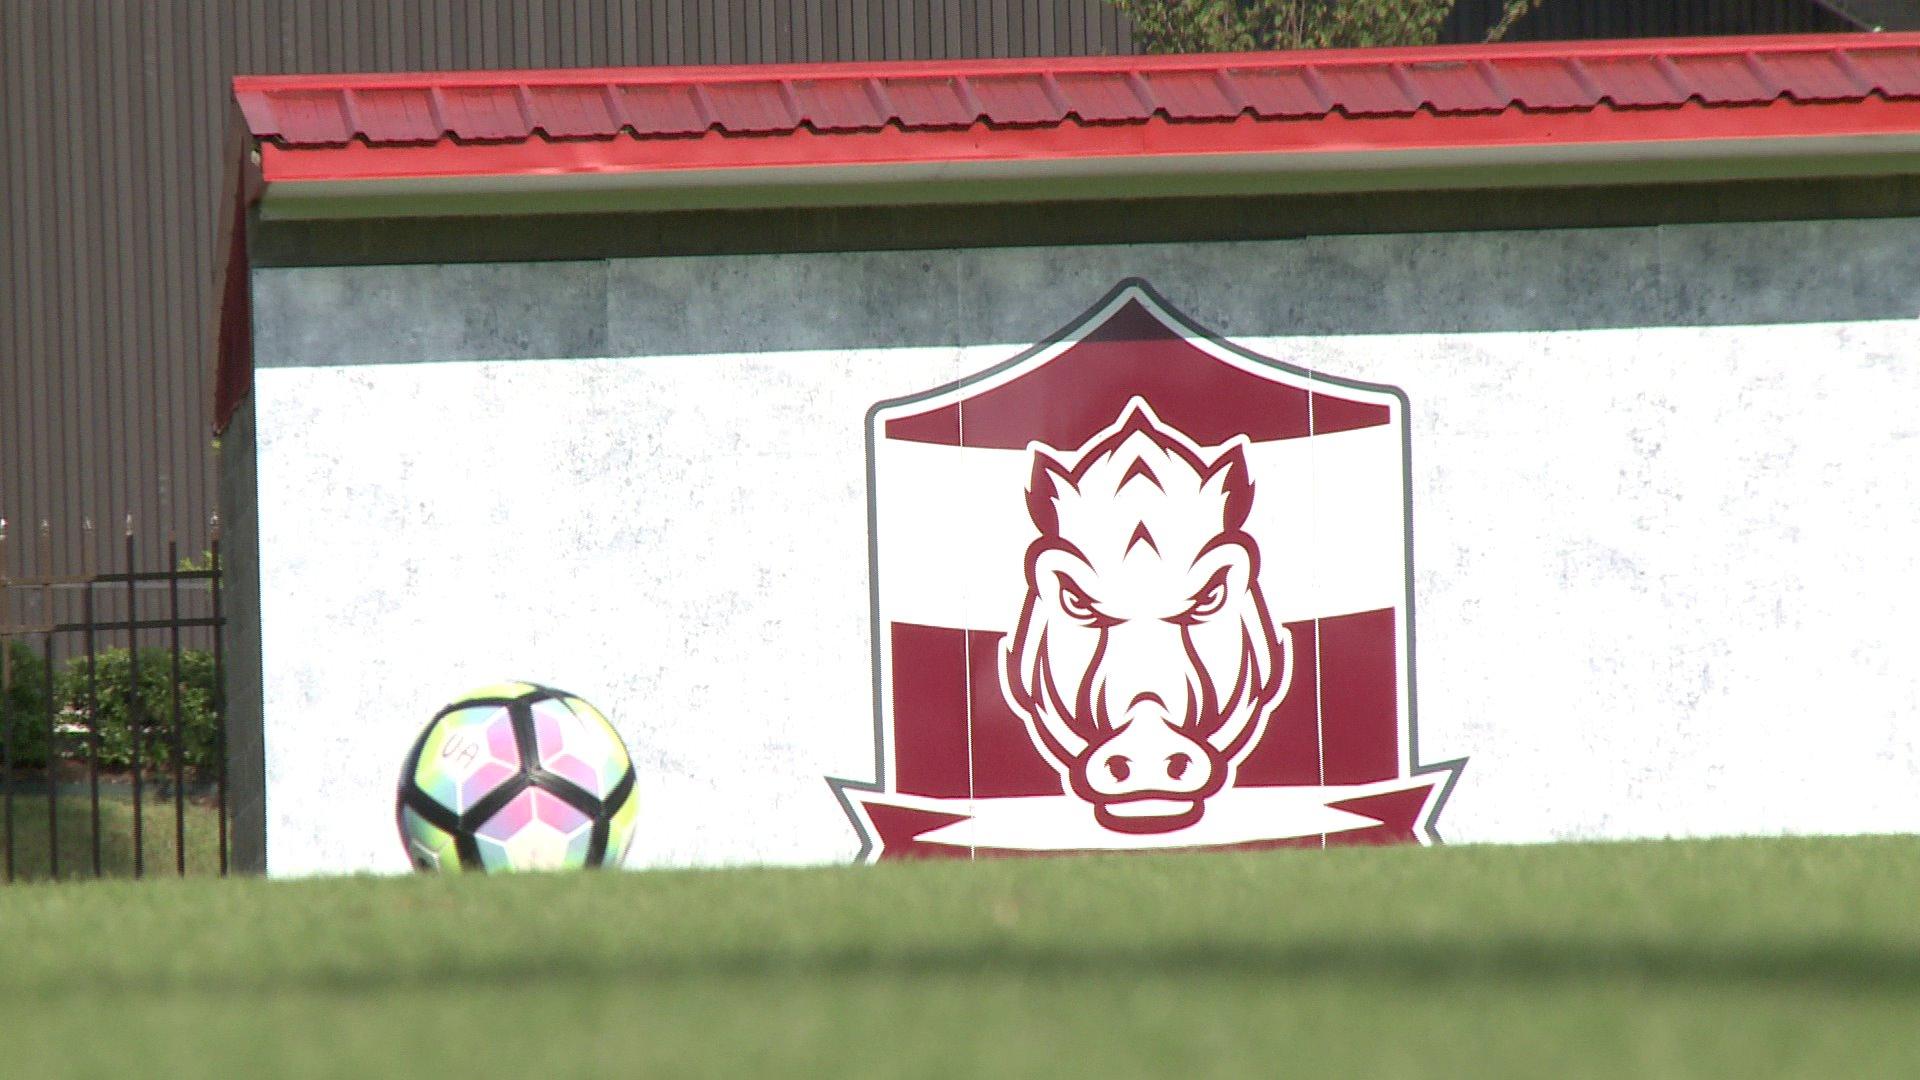 UARK soccer